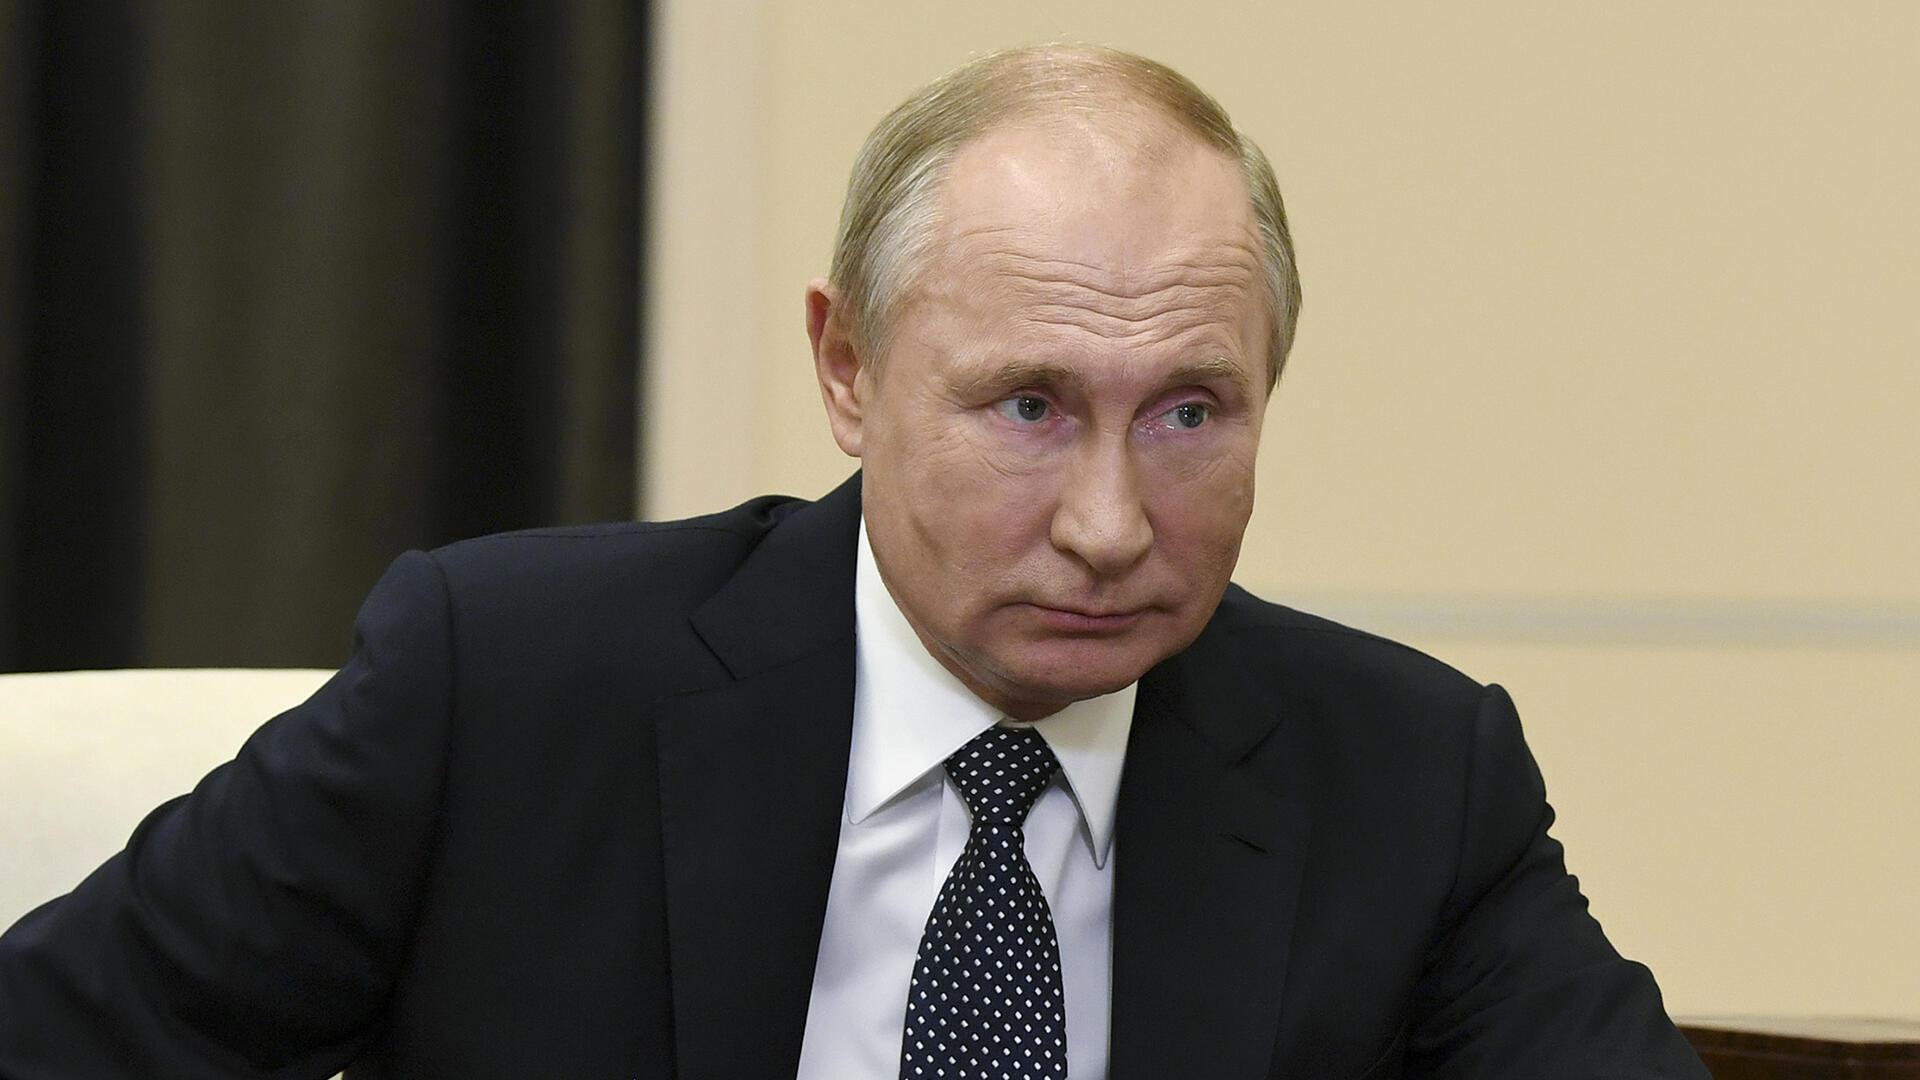 Russie - Vladimir Poutine_AP20326771106124 - Carrefour de l'Europe 21 février 2021